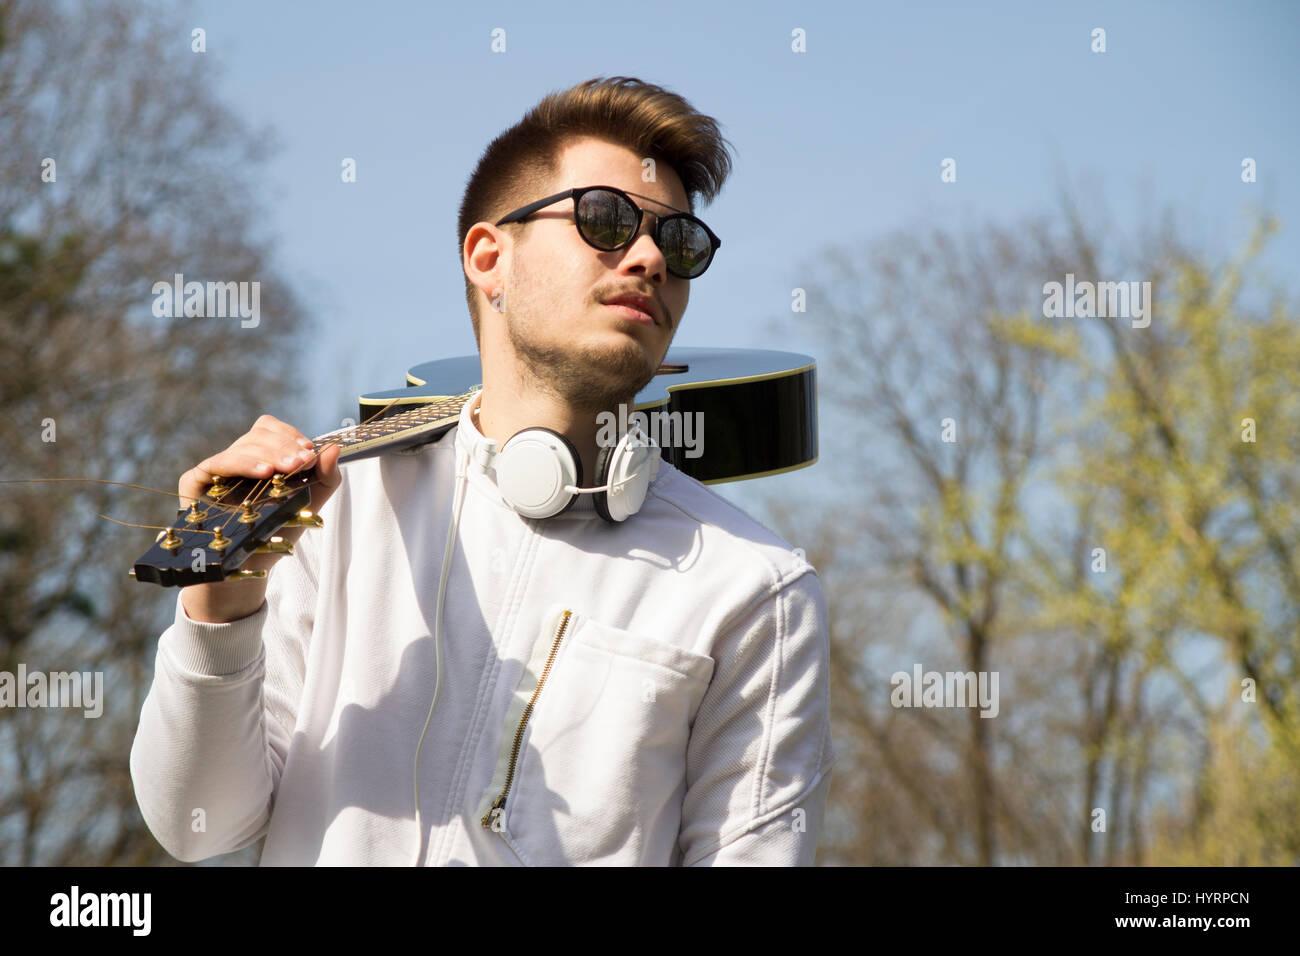 Beau jeune homme, profitant du parc avec une guitare.focus sélectif et petite profondeur de champ. Photo Stock